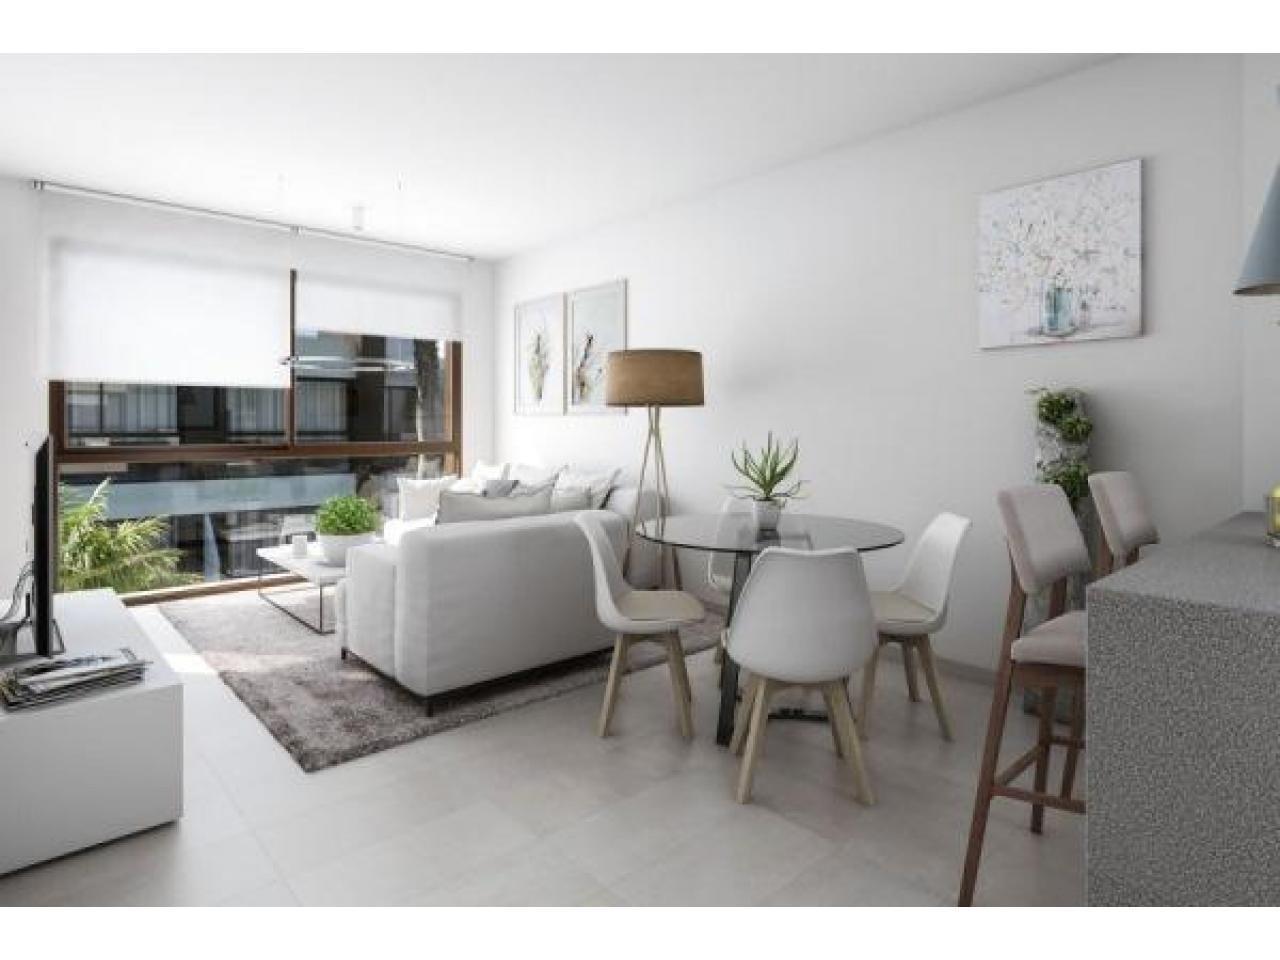 Недвижимость в Испании, Новые бунгало рядом с морем от застройщика в Сан-Педро-дель-Пинатар - 2